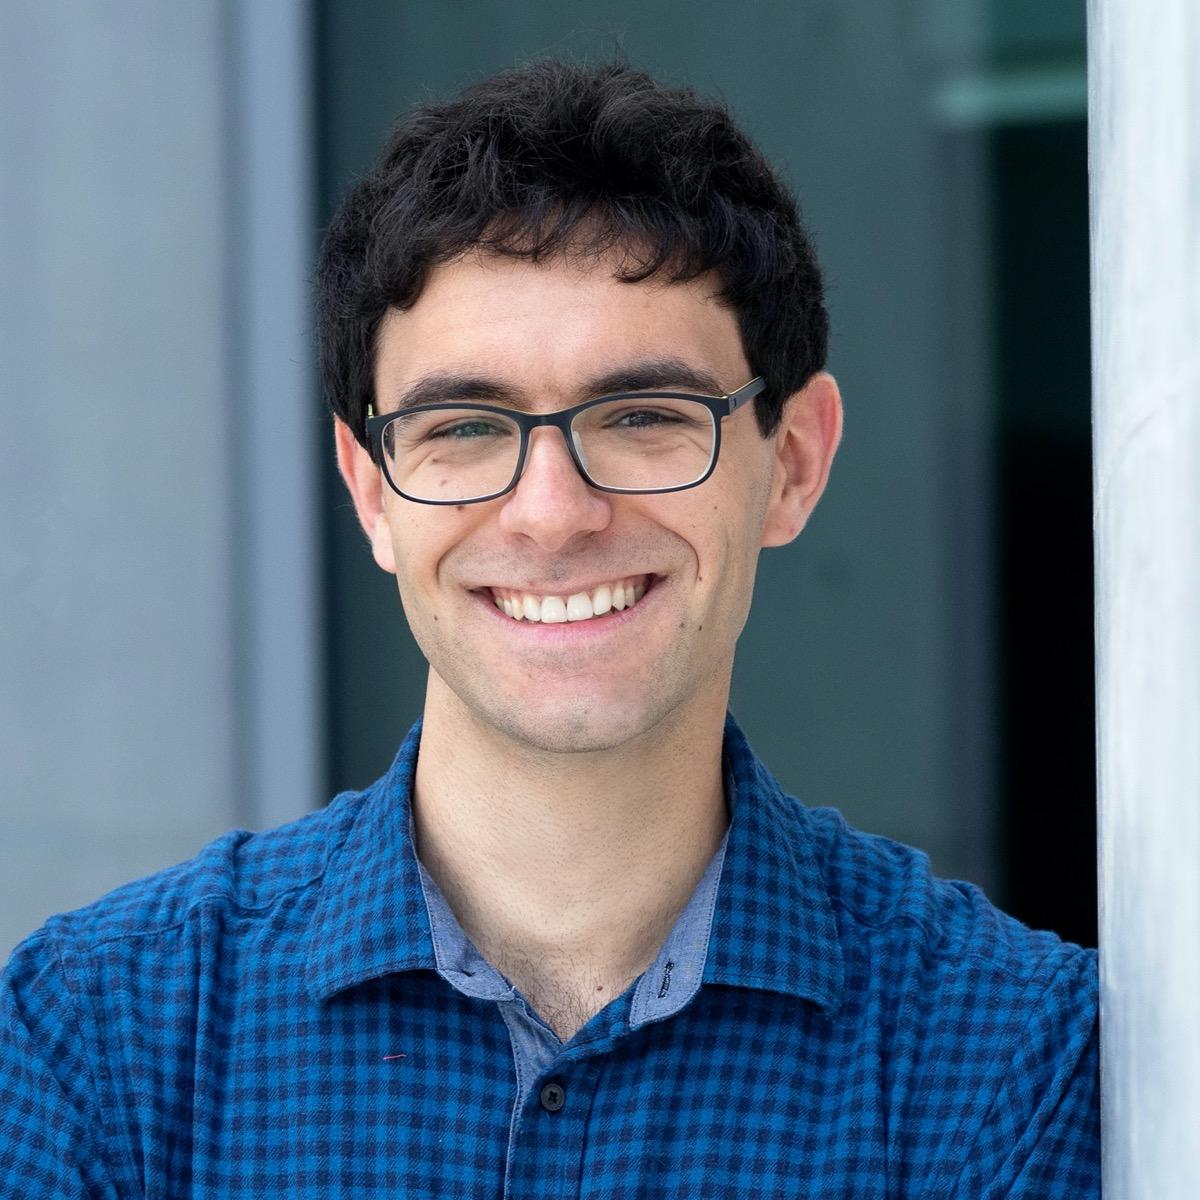 Daniele   Berardo